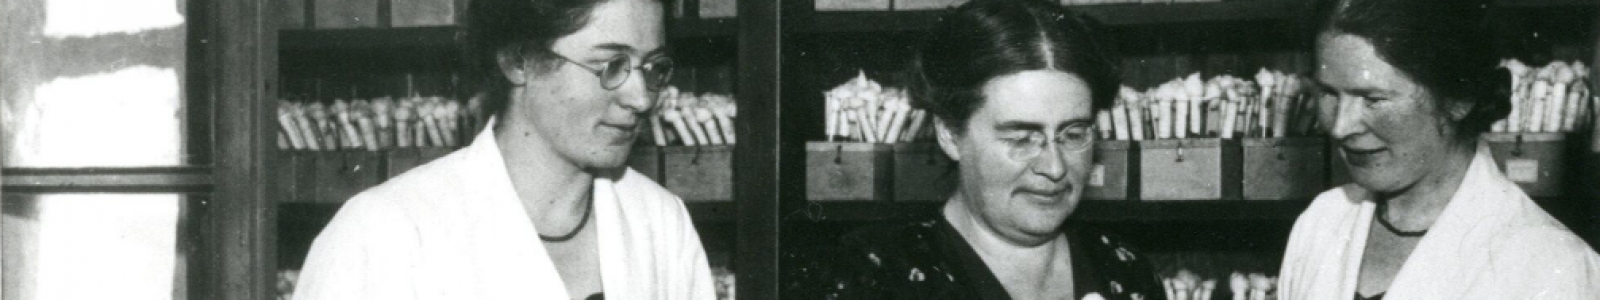 Johanna Westerdijk en twee andere vrouwelijke onderzoekers in het lab